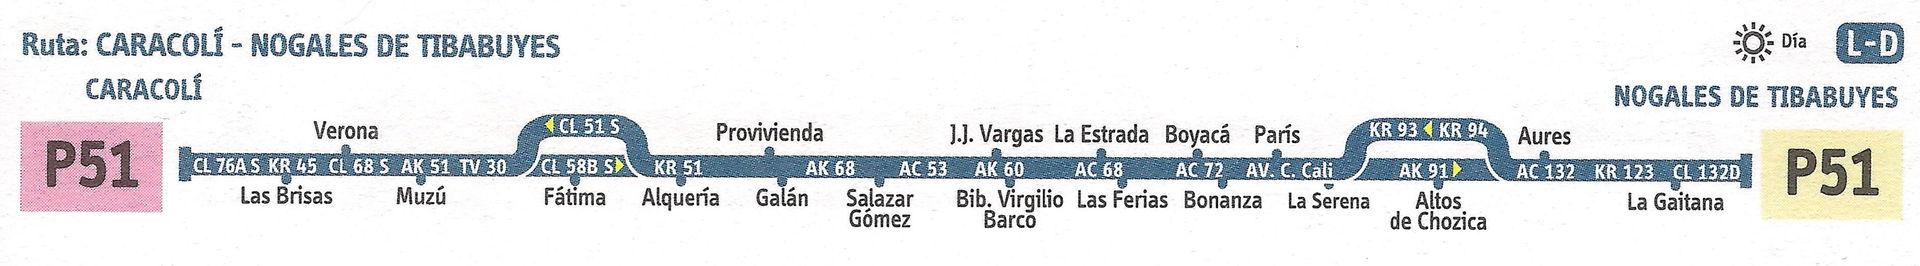 Ruta SITP: P51Caracolí ↔ Nogales de Tibabuyes [Urbana] 1